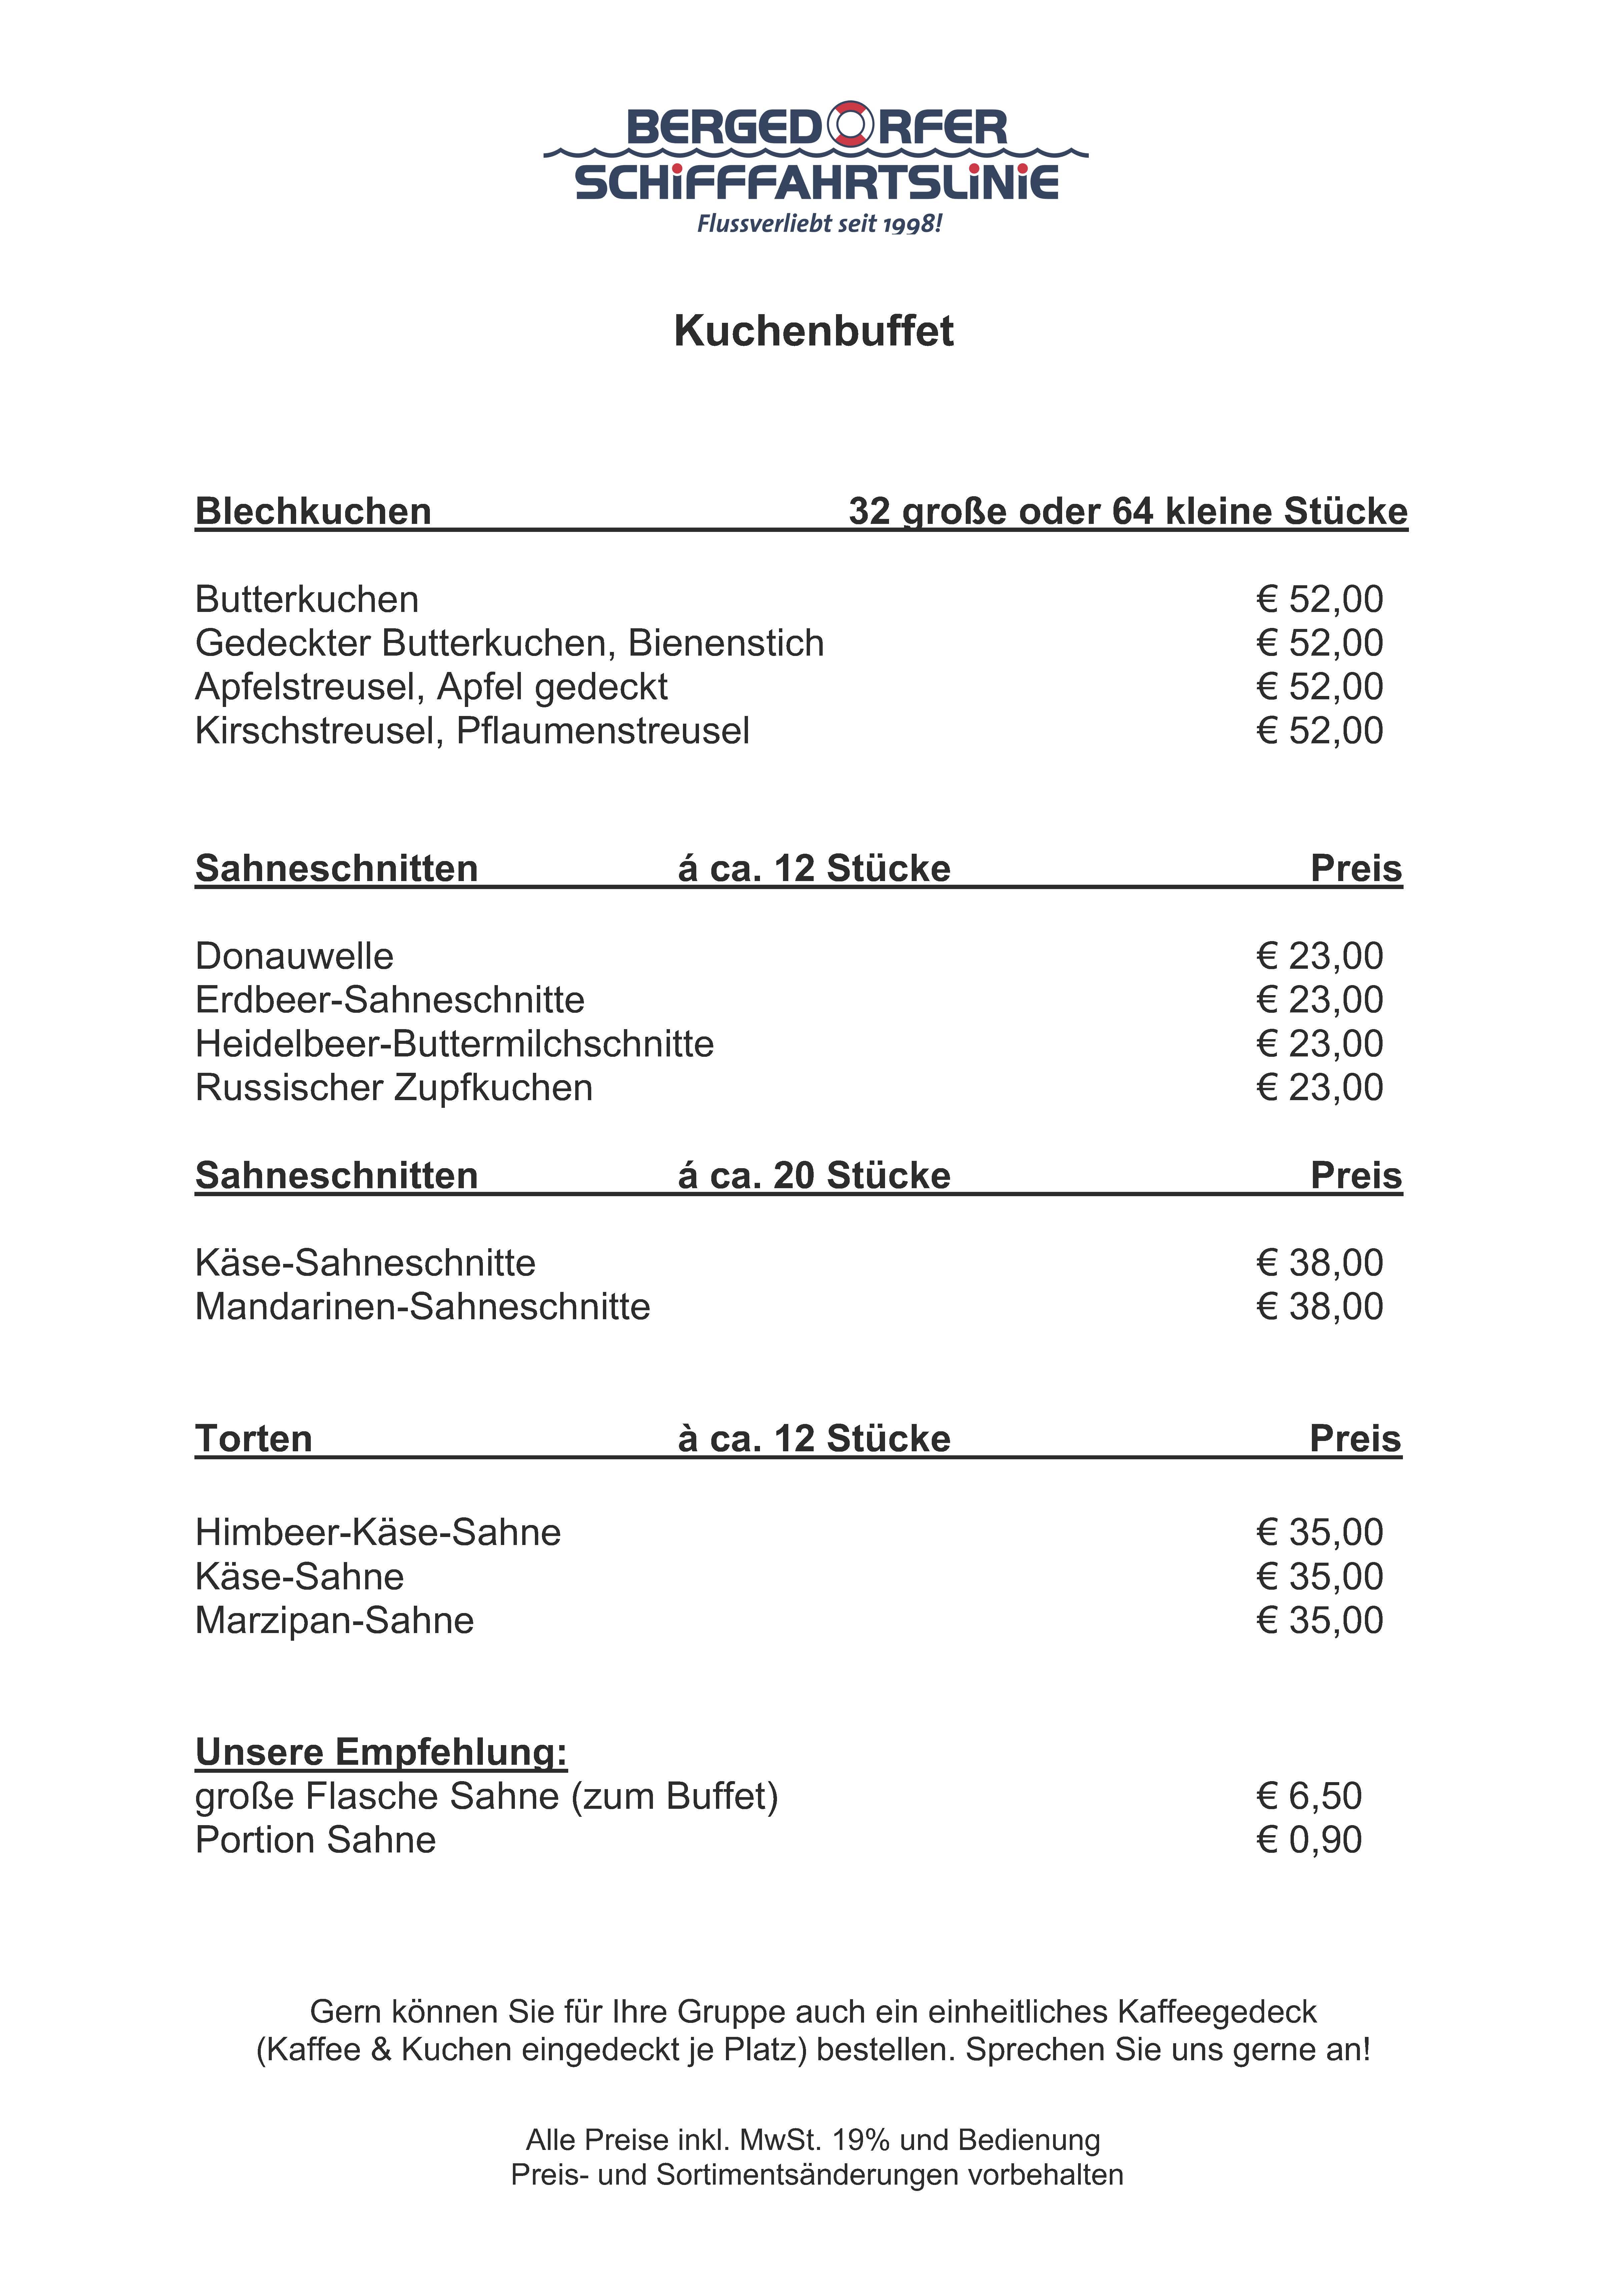 CH Kuchenbuffet